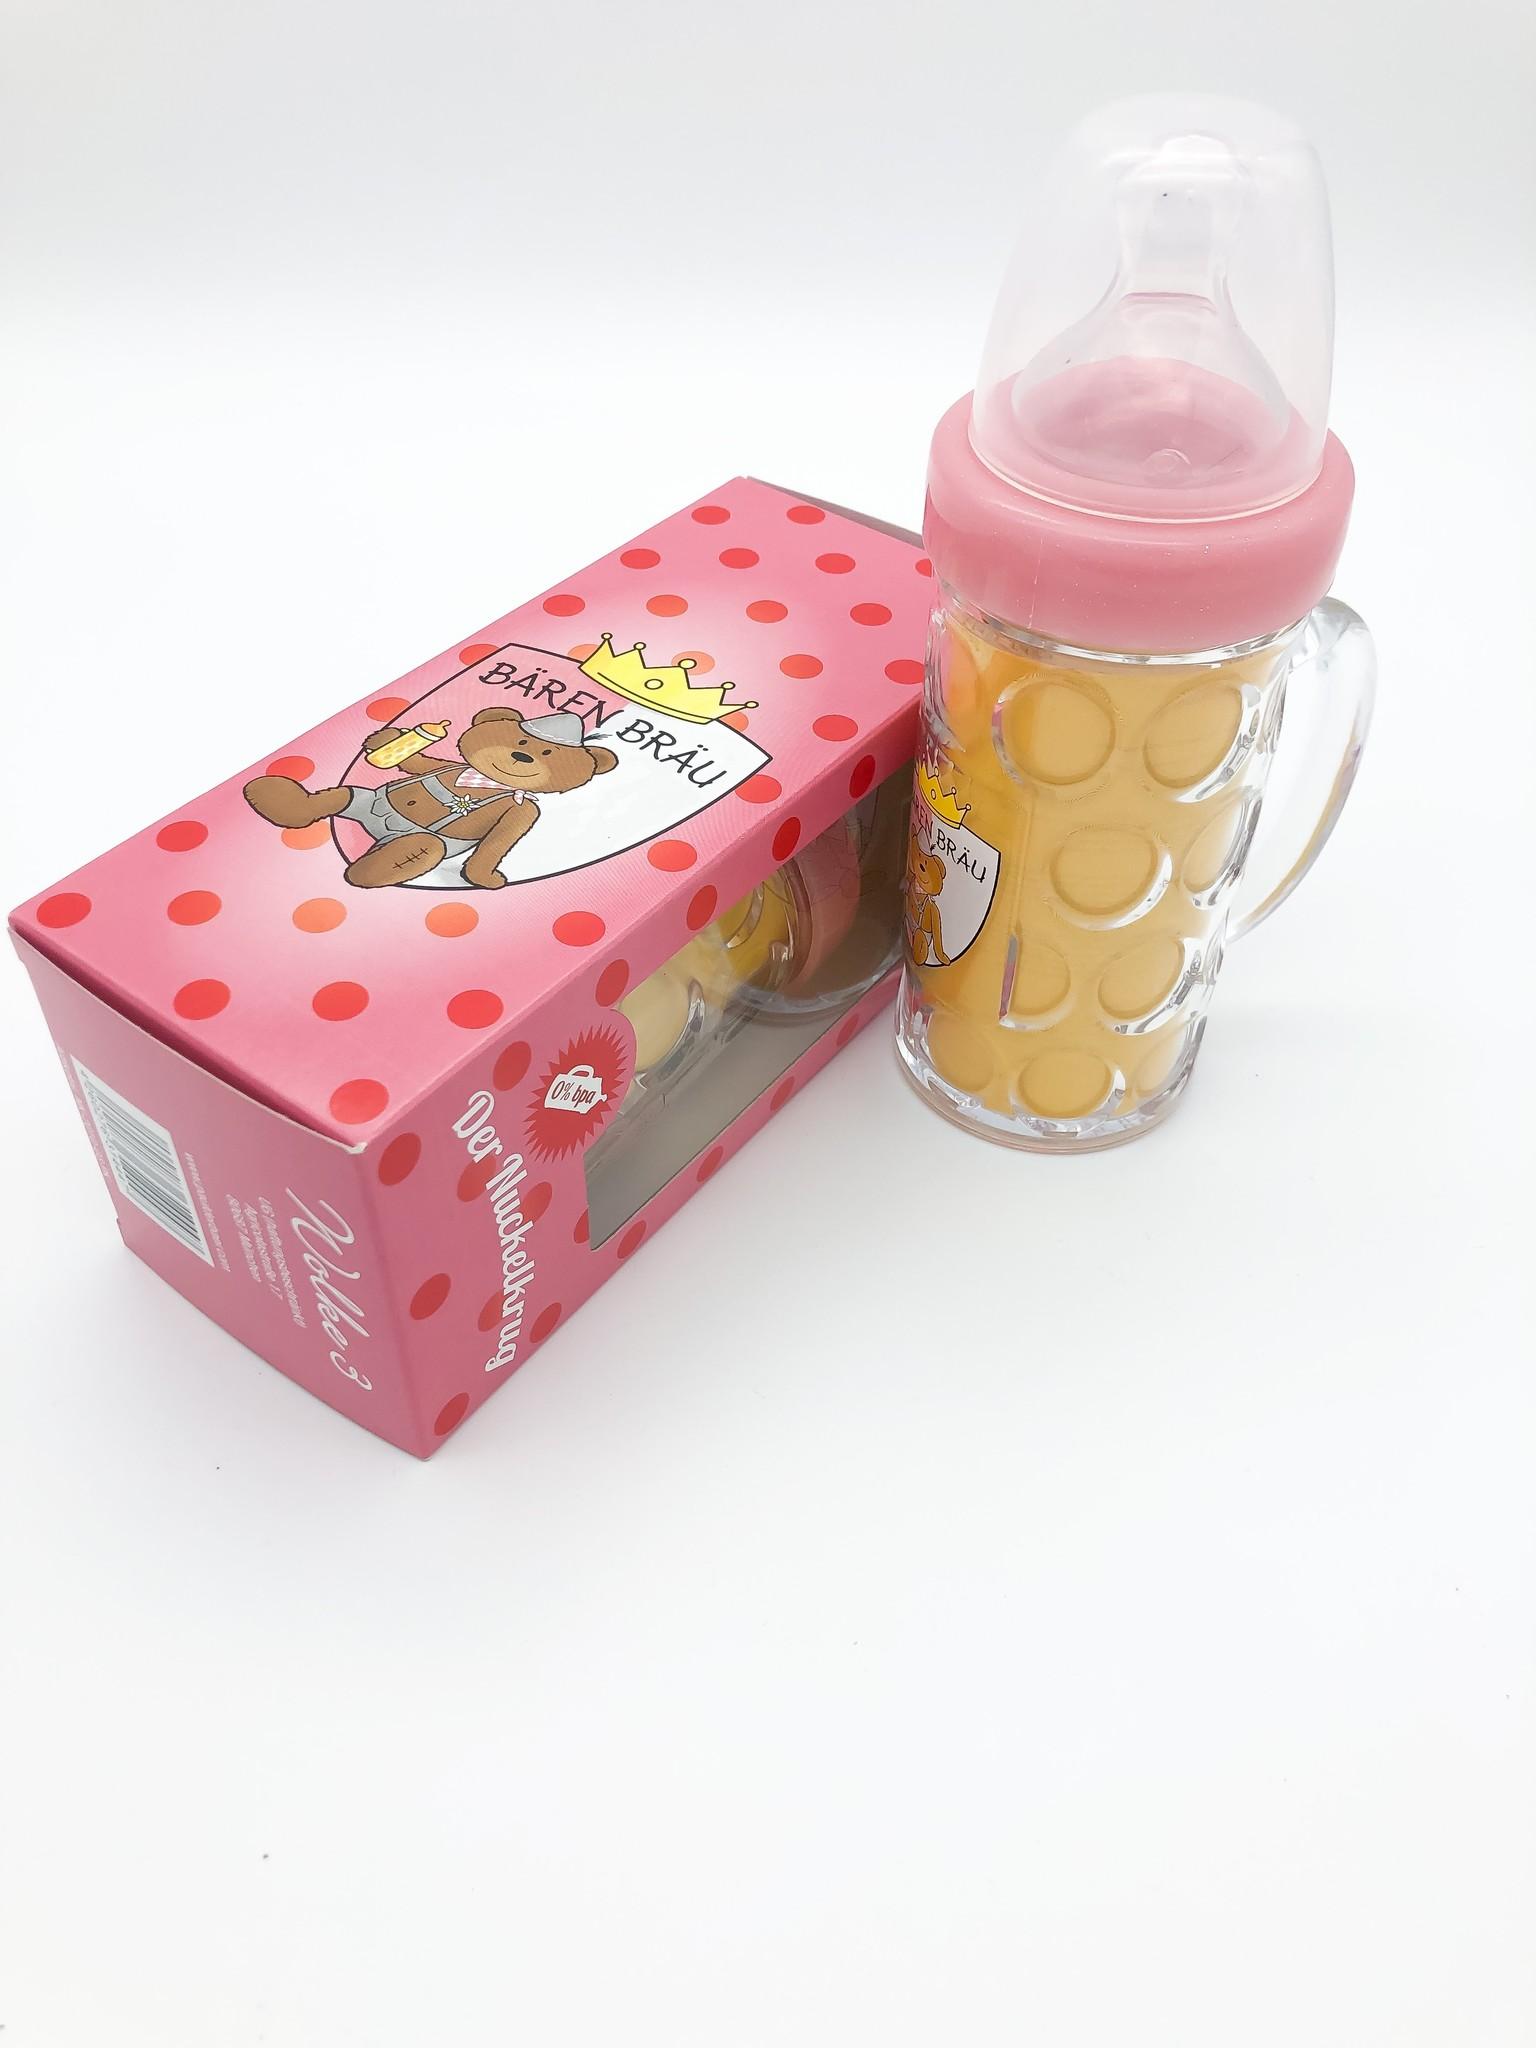 Bierkrug für Babys in rosa von Paul der Bär